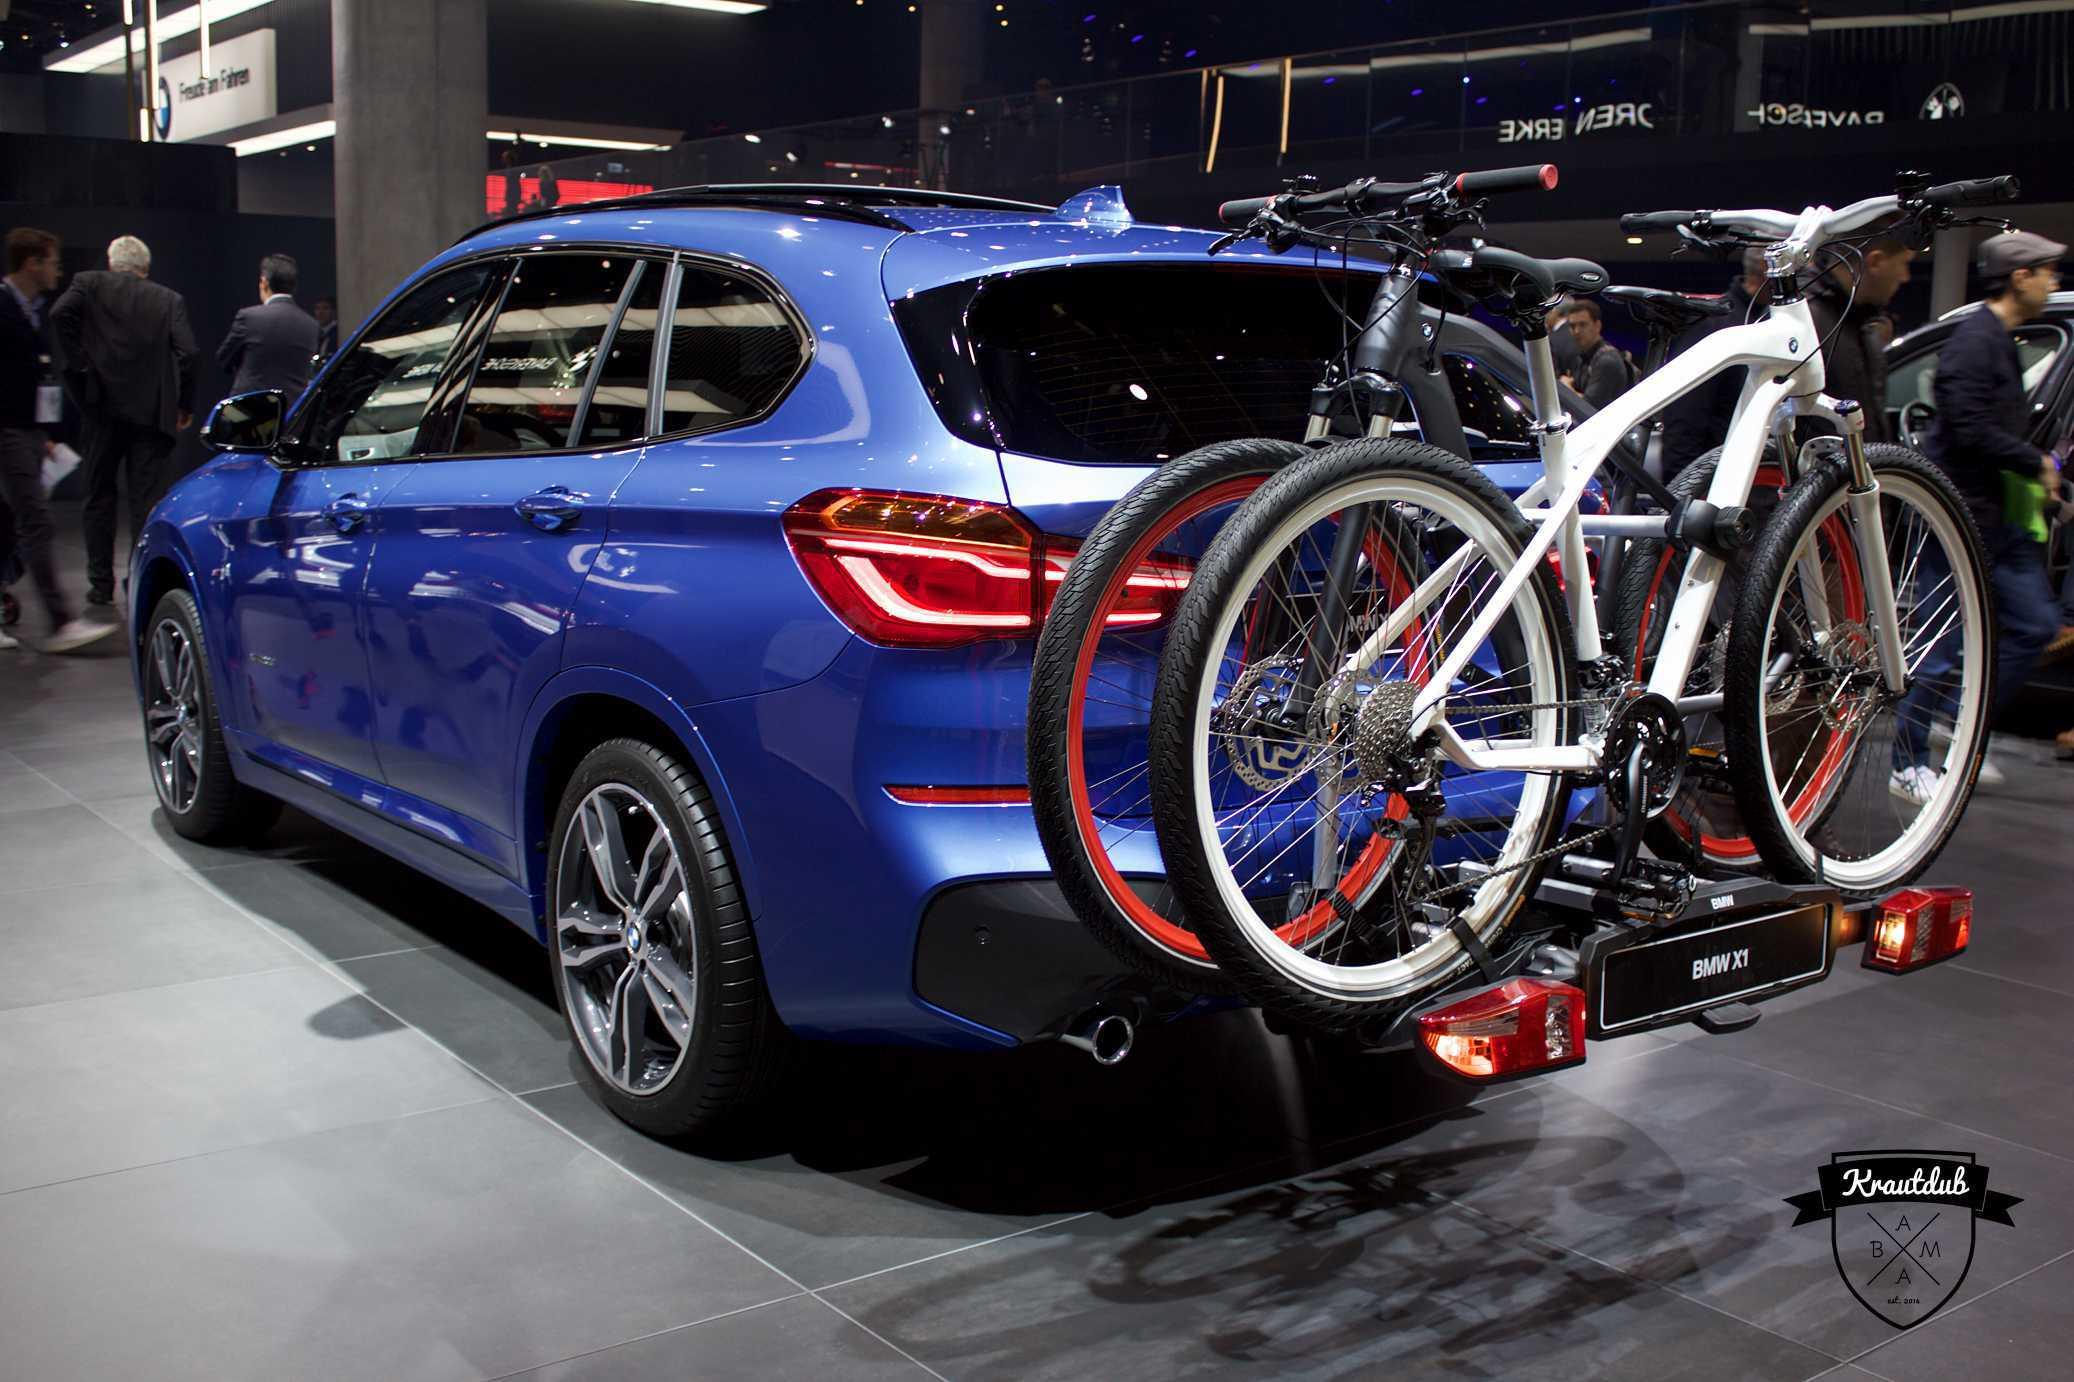 BMW X1 - IAA 2017